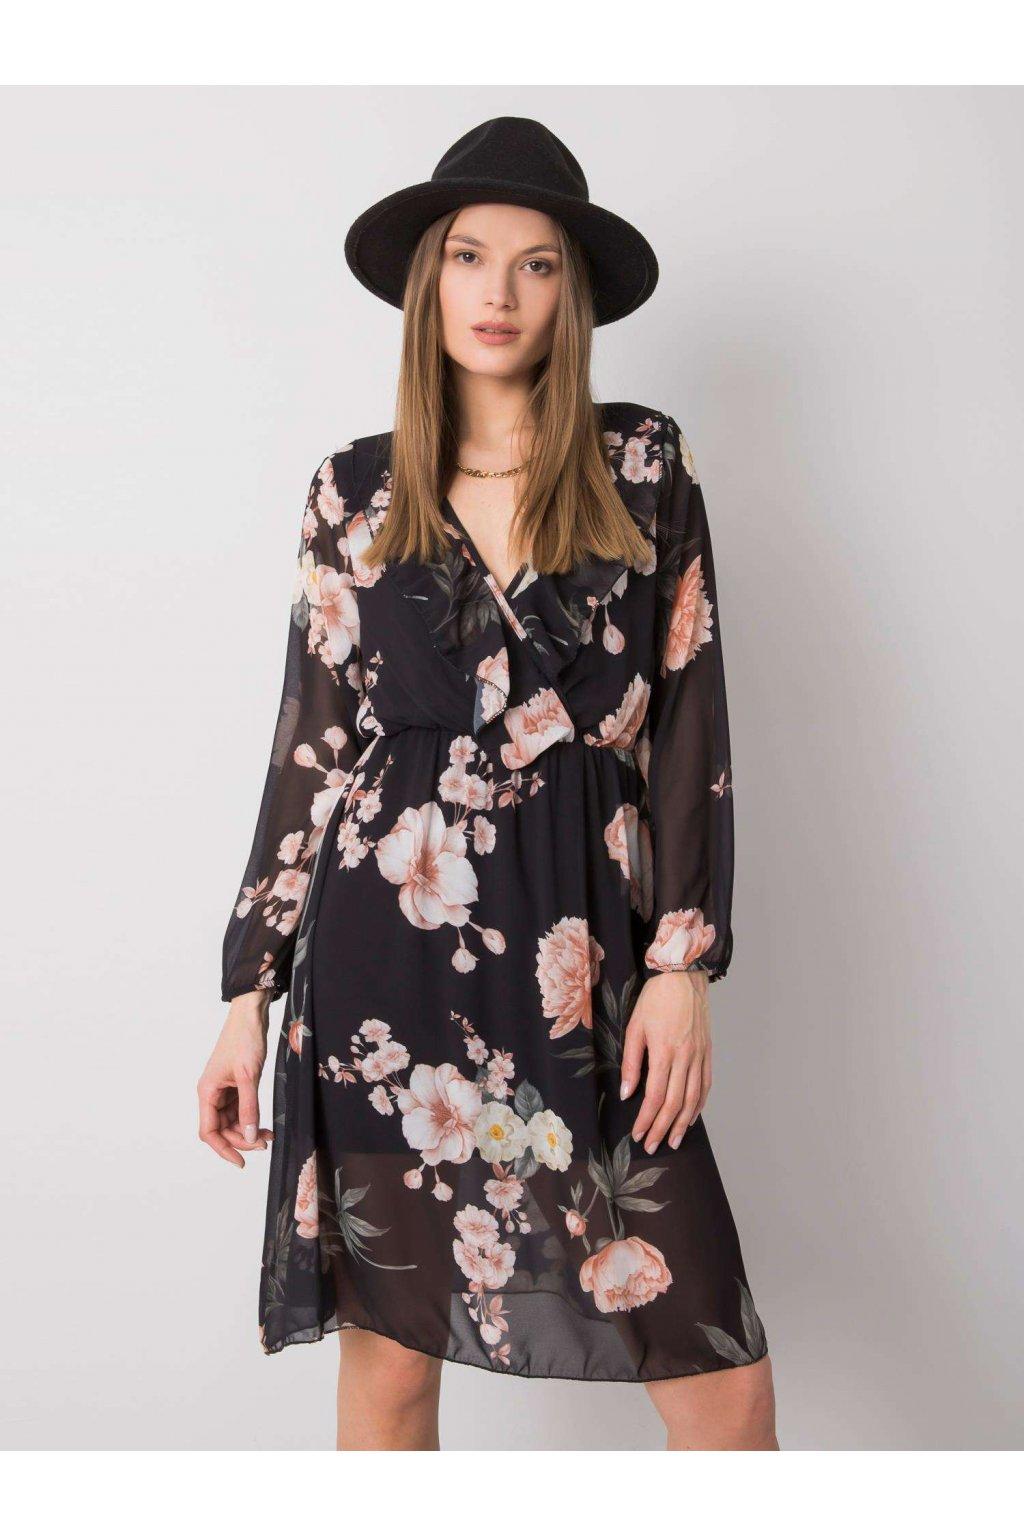 pol pl Czarna sukienka w kwiaty Desirae 362586 1